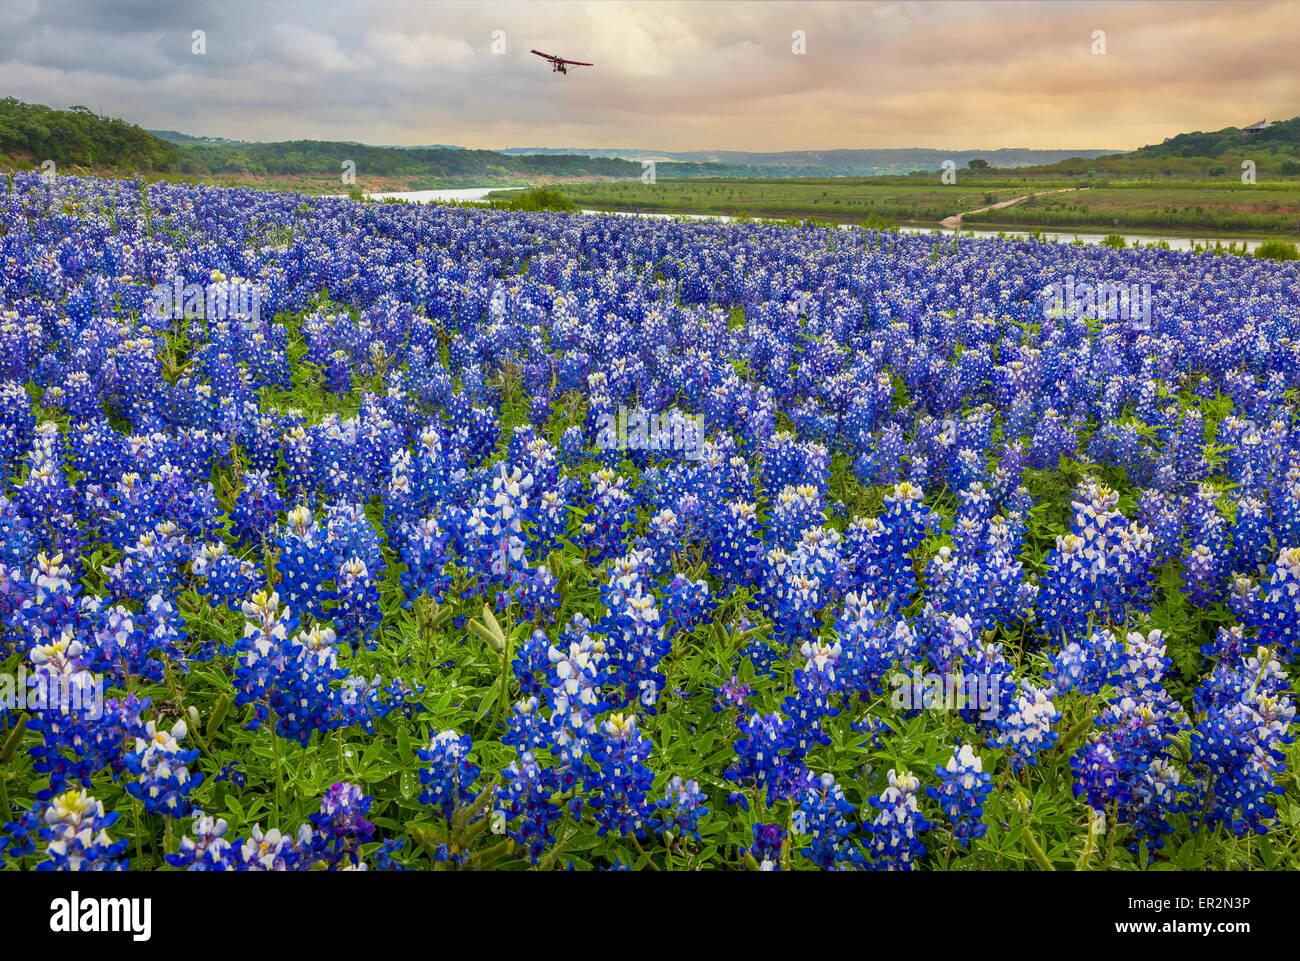 La Turquie Bend Recreation Area, Texas. La Turquie est sur la rivière Colorado, dans le sud-est de Burnet Comté. Photo Stock